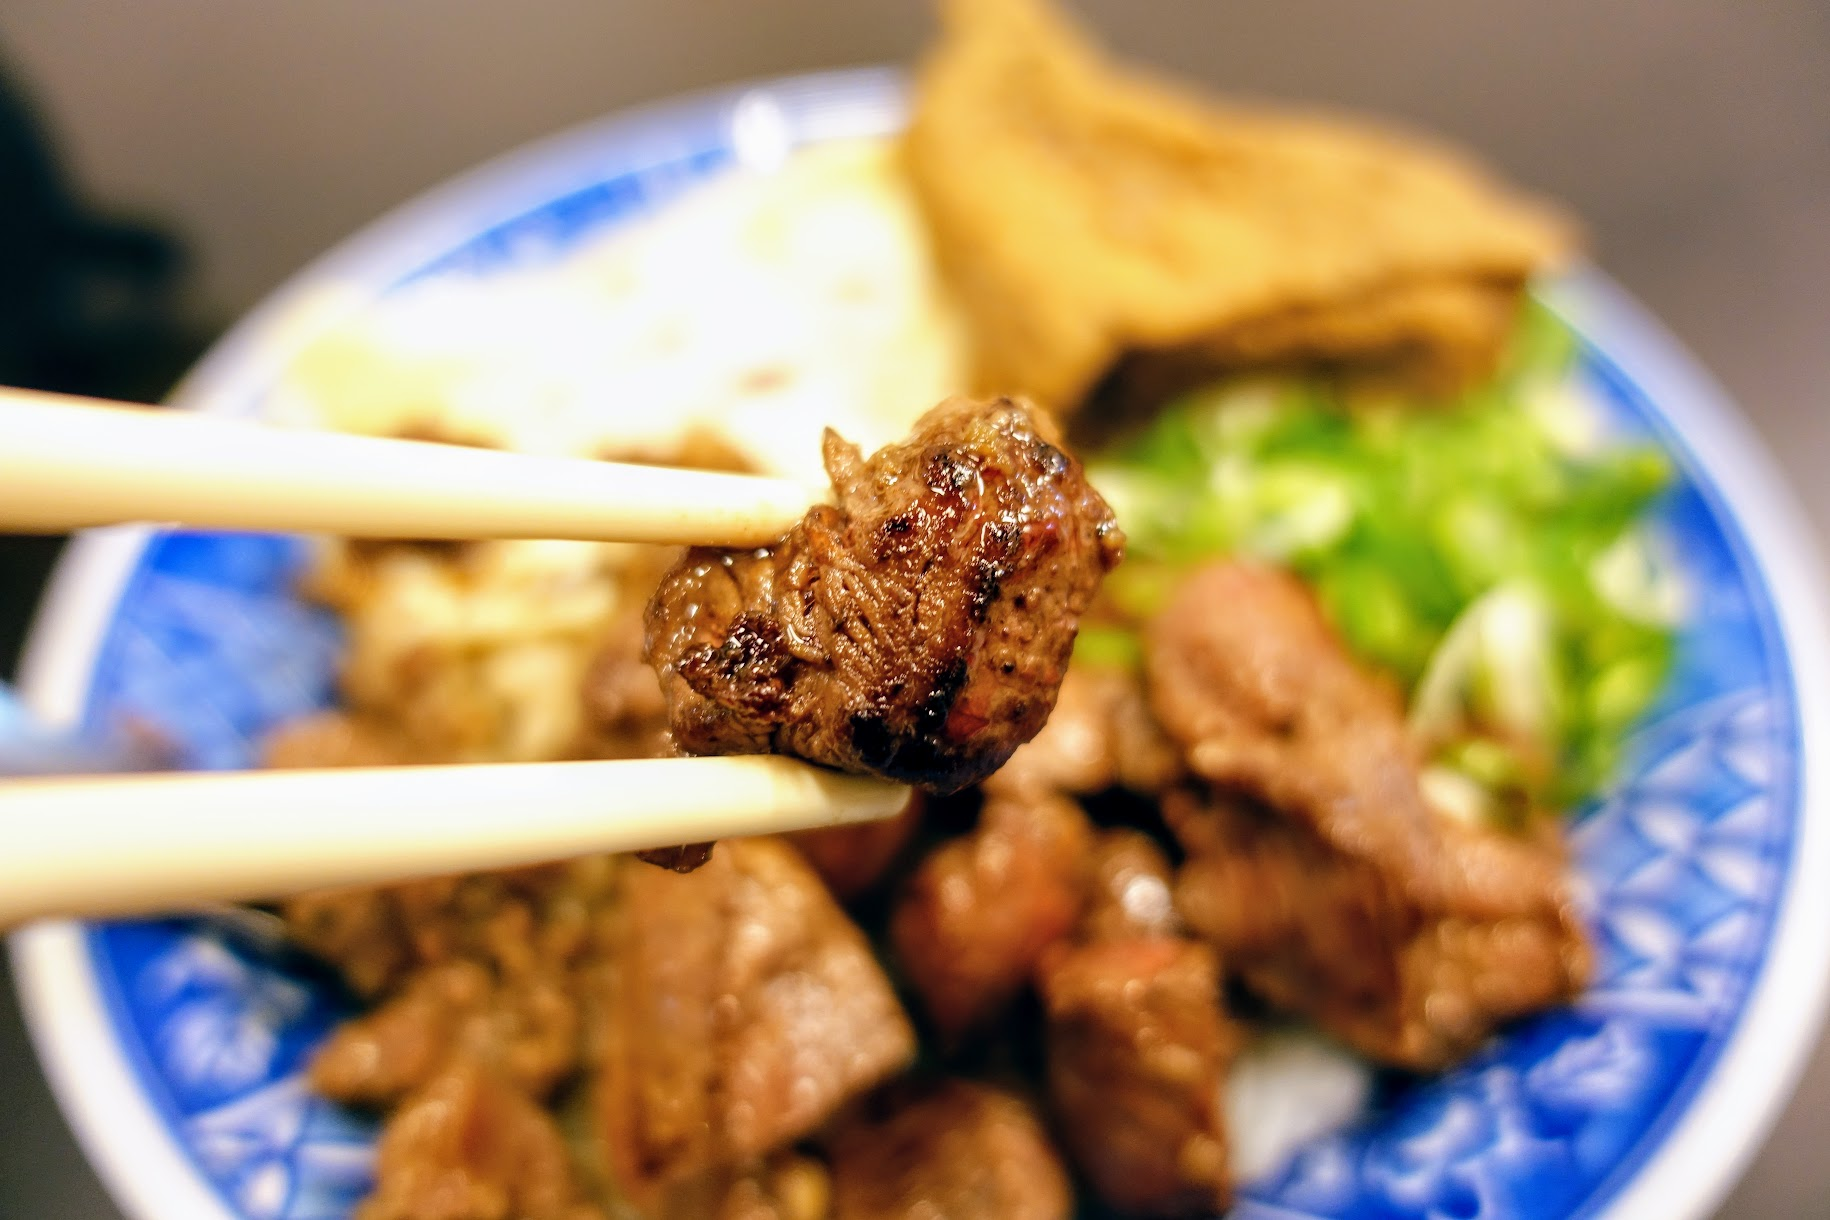 牛肉烤過,還蠻軟嫩的